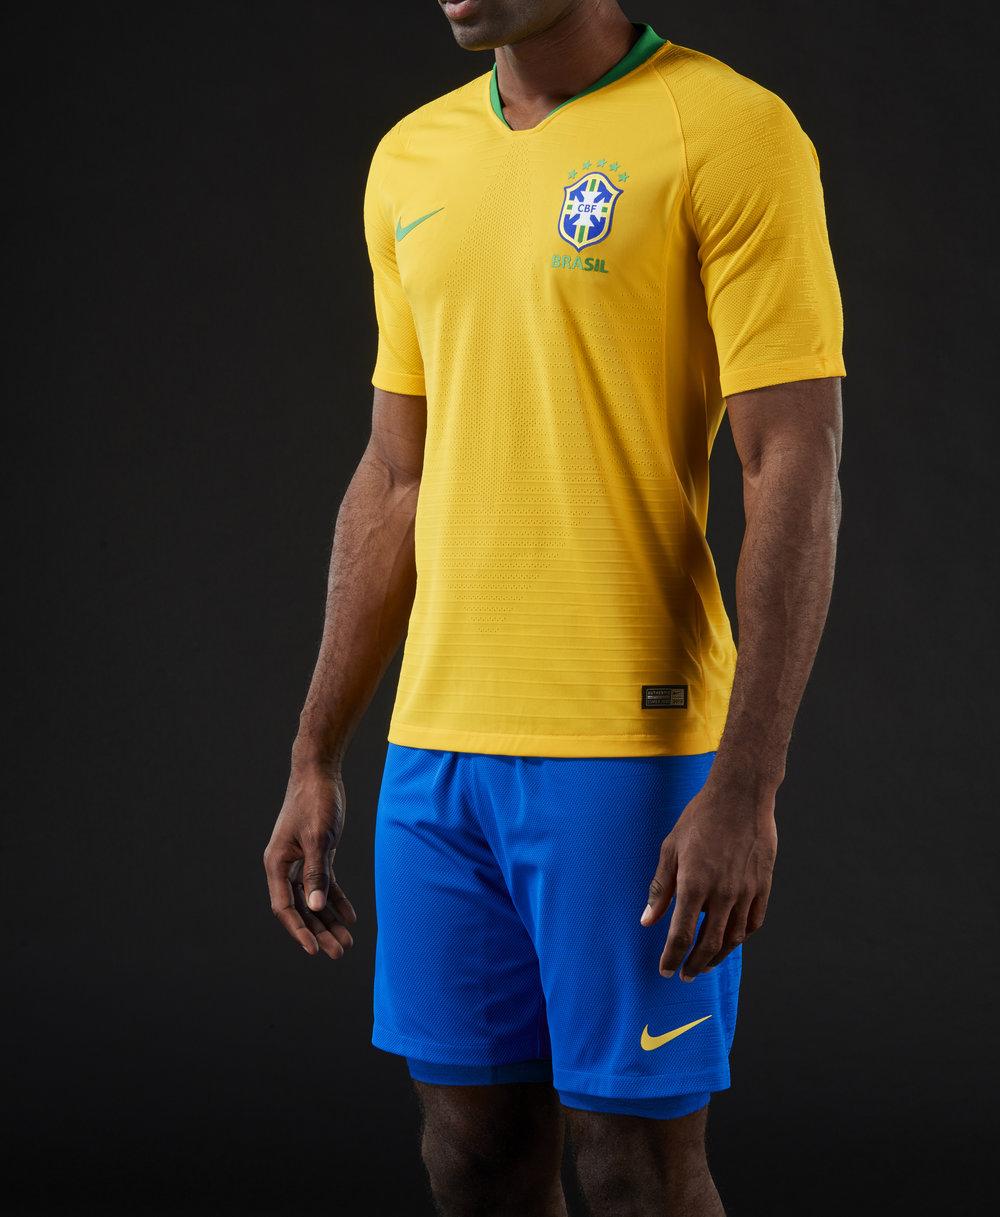 brasil-2018-home-jersey-04_78183.jpg